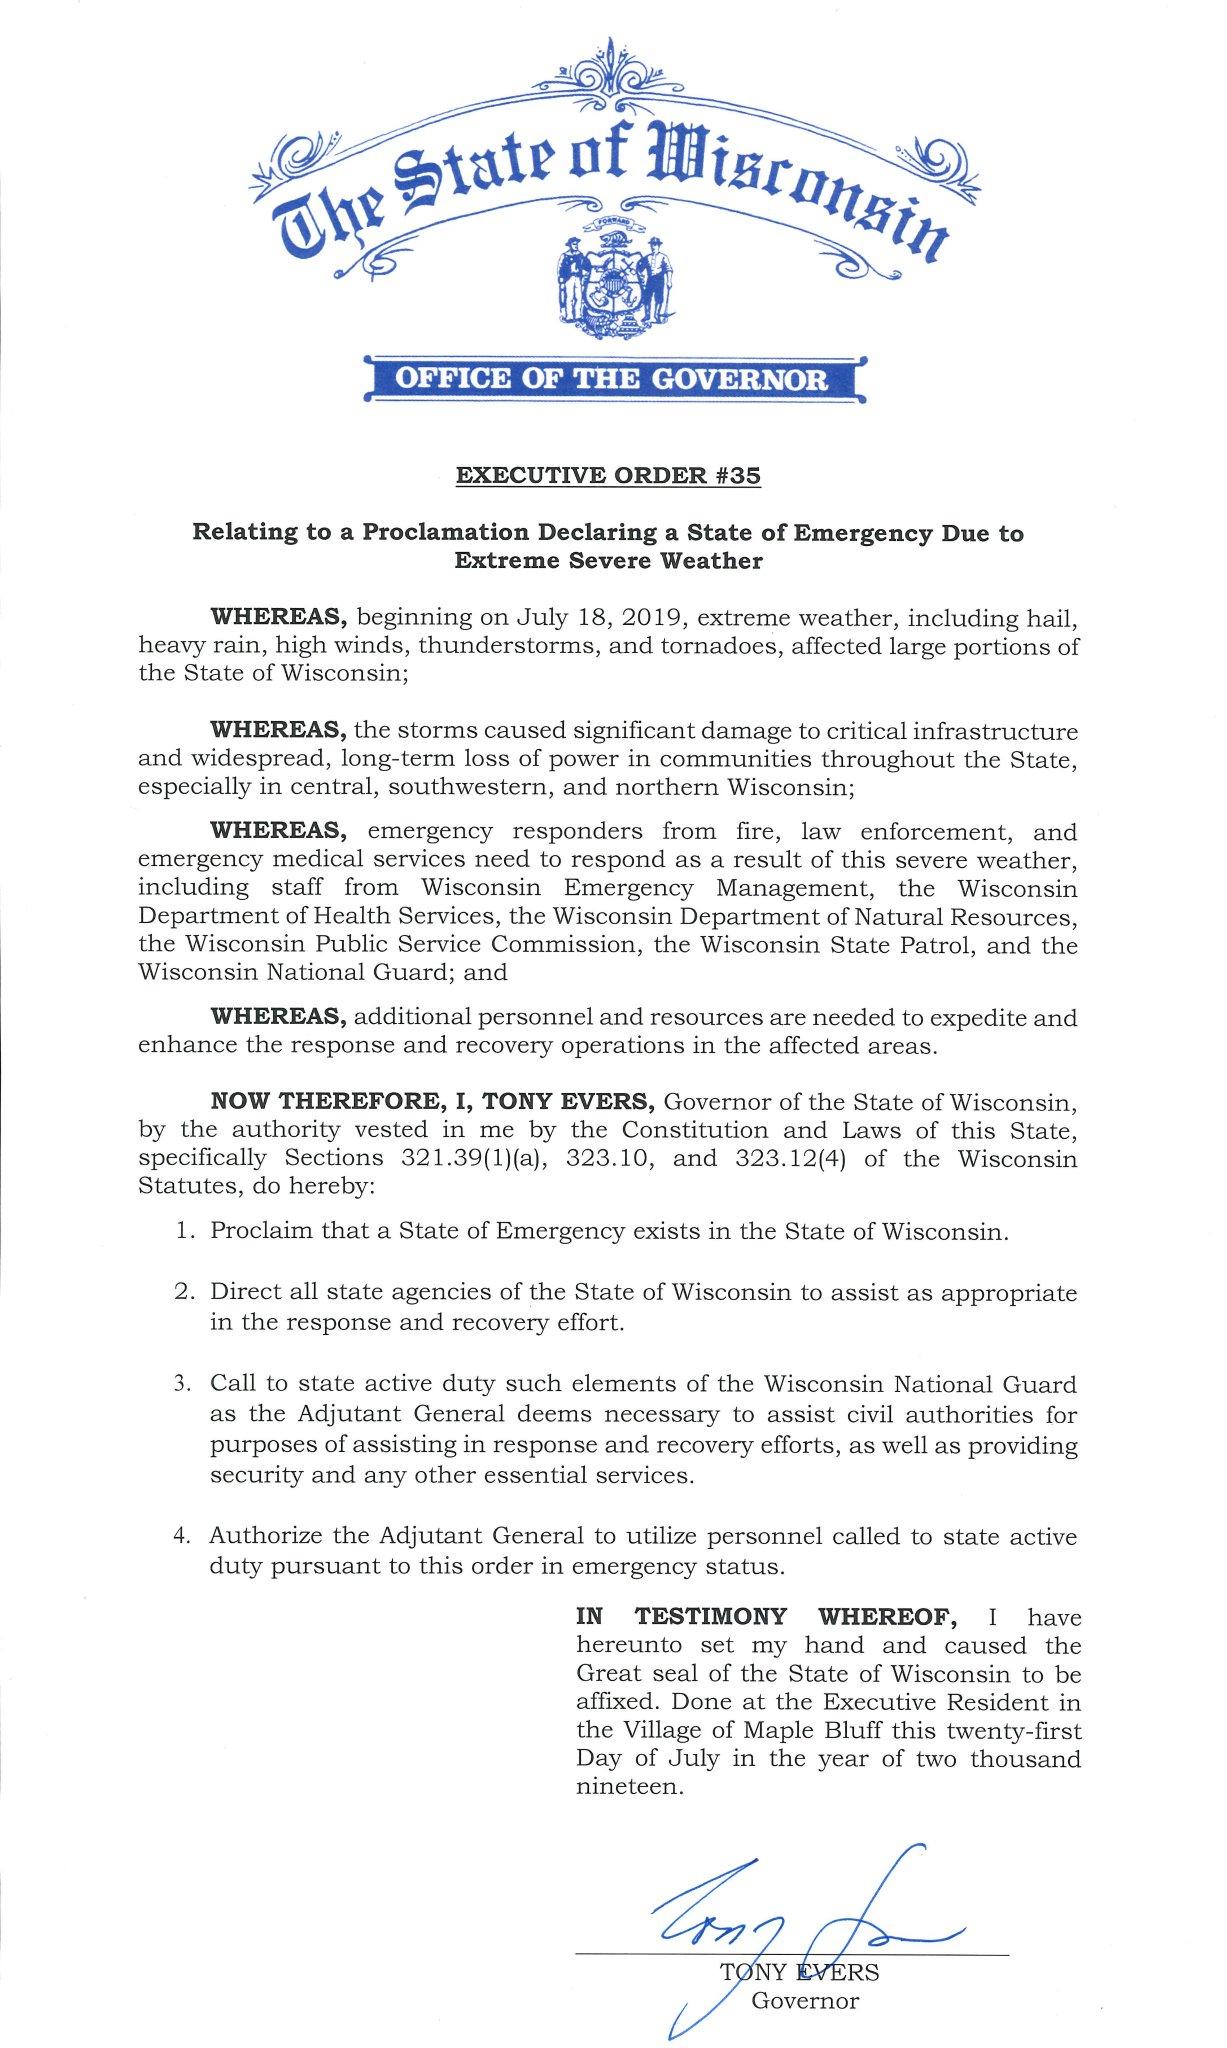 executive order 35